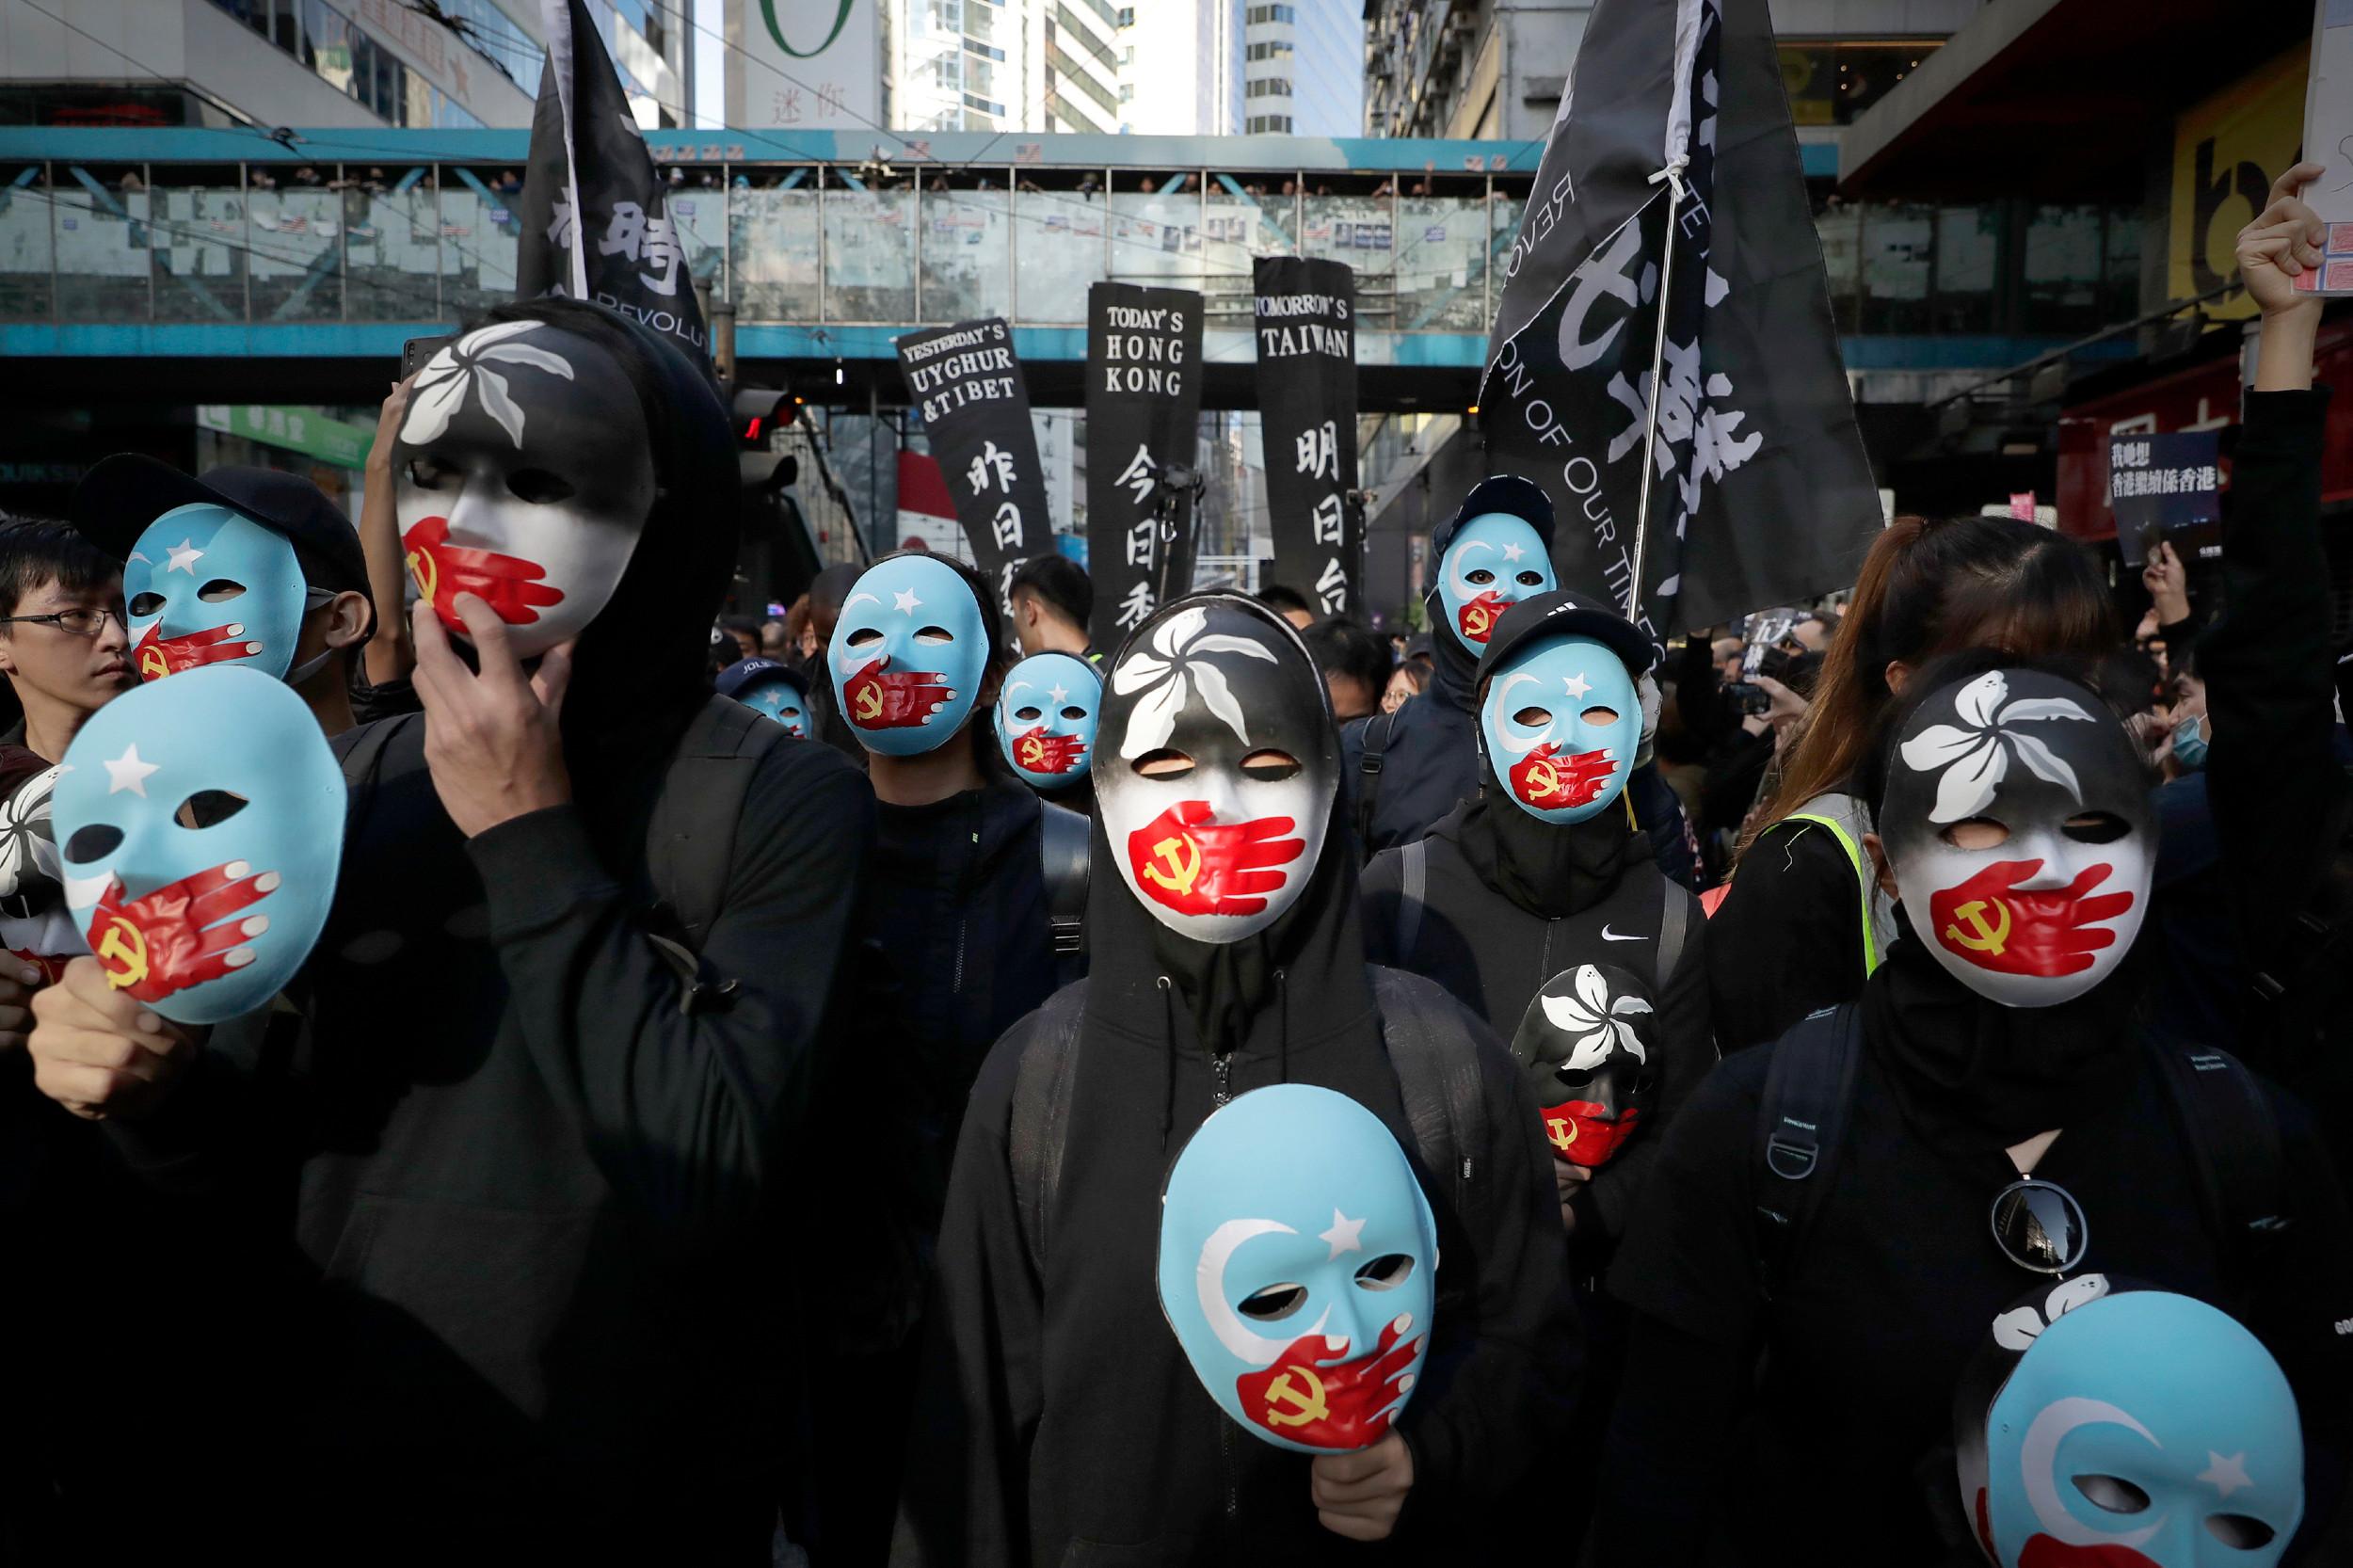 Демонстранти у Хонгконгу носе маске са заставама Хонгконга у црној варијанти и тзв. Источног Туркестана преко којих се налази рука с грбом Комунистичке партије Кине која покрива уста, 08. децембар 2019. (Фото: AP Photo/Mark Schiefelbein)